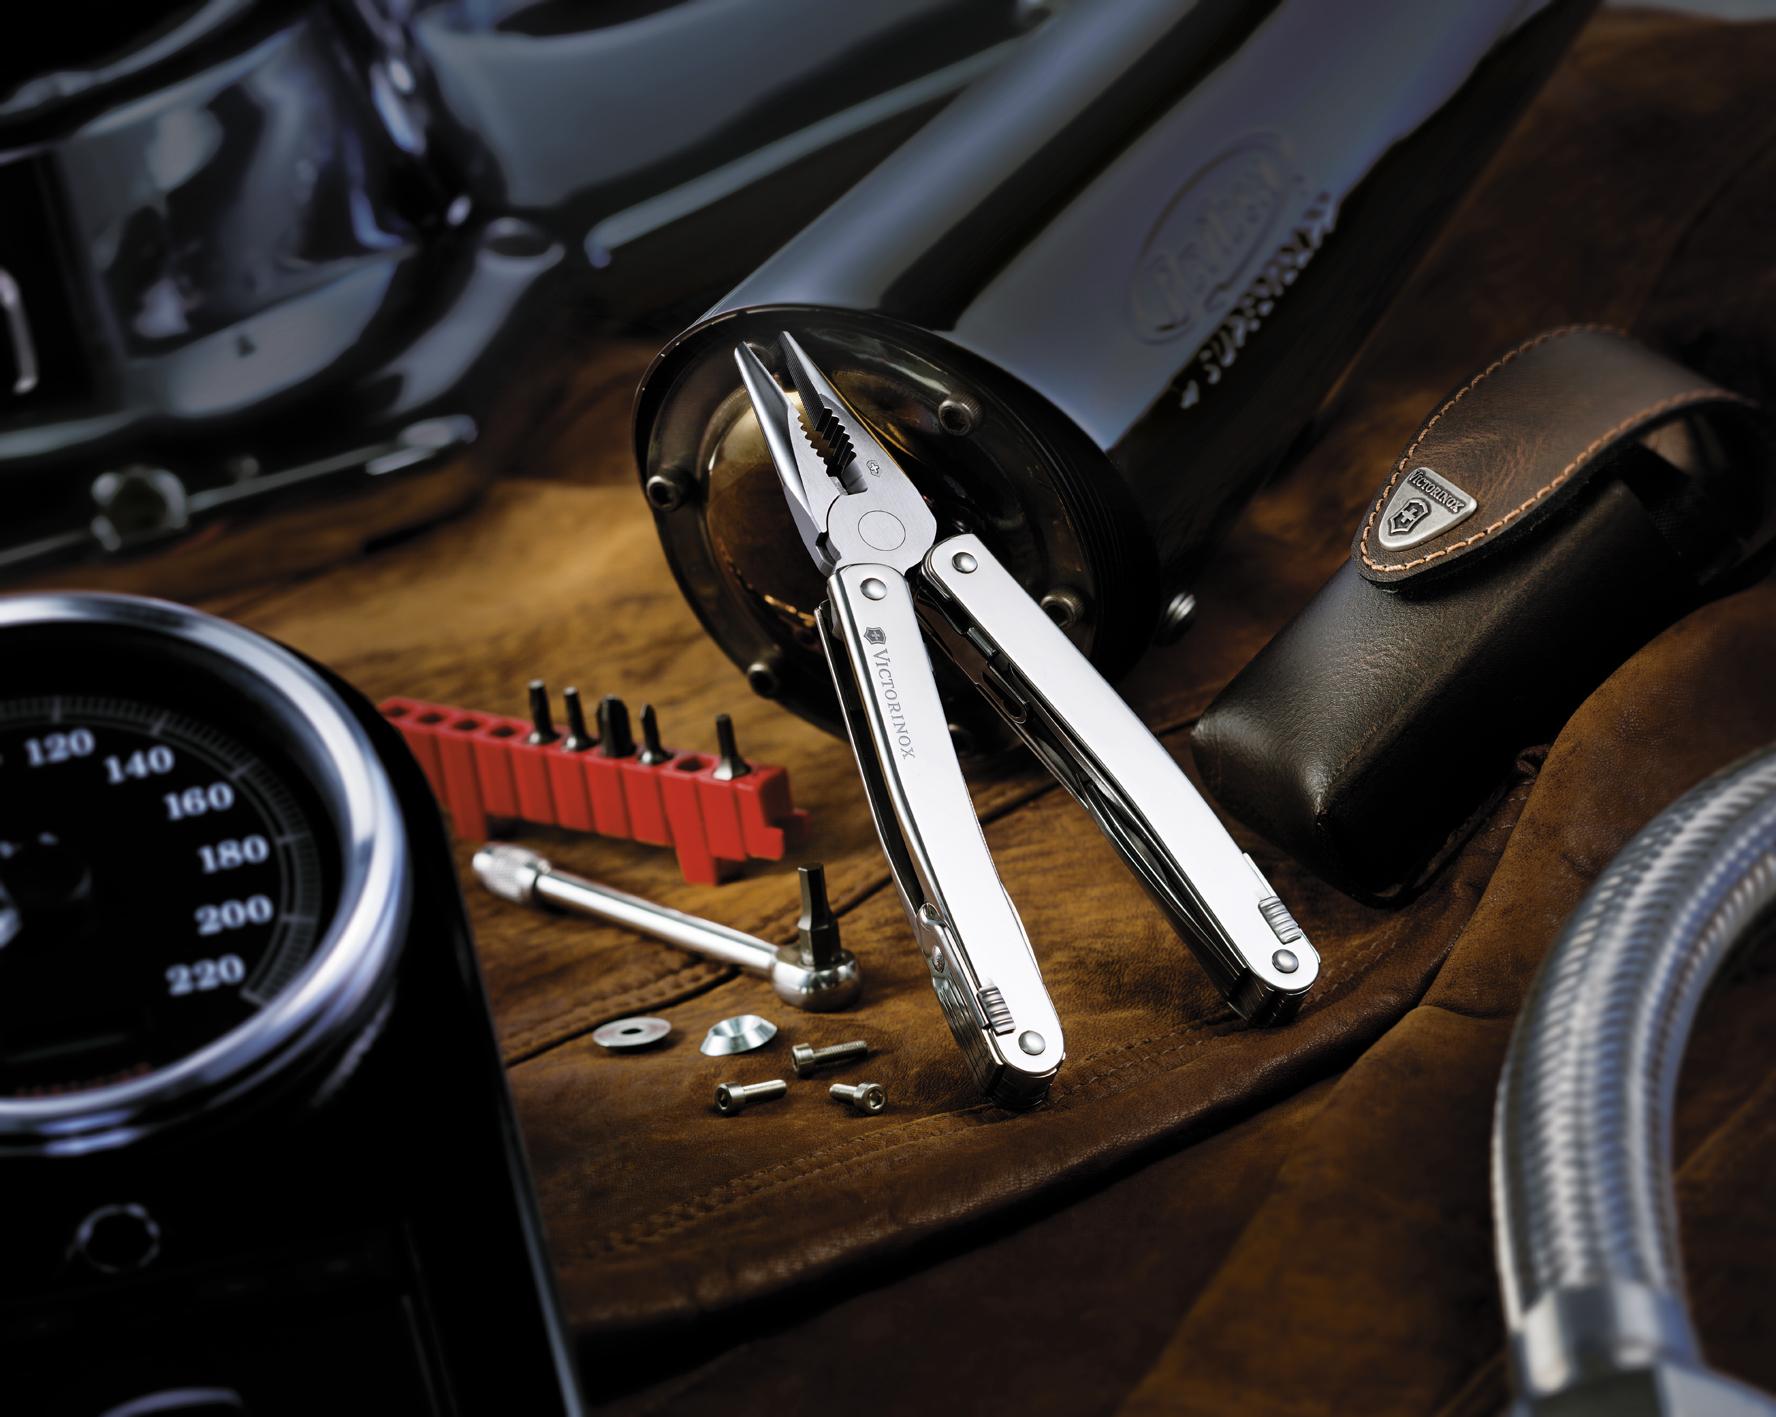 Мультитул Victorinox SwissTool Spirit 38, 105 мм, 38 функций, кожаный чехол